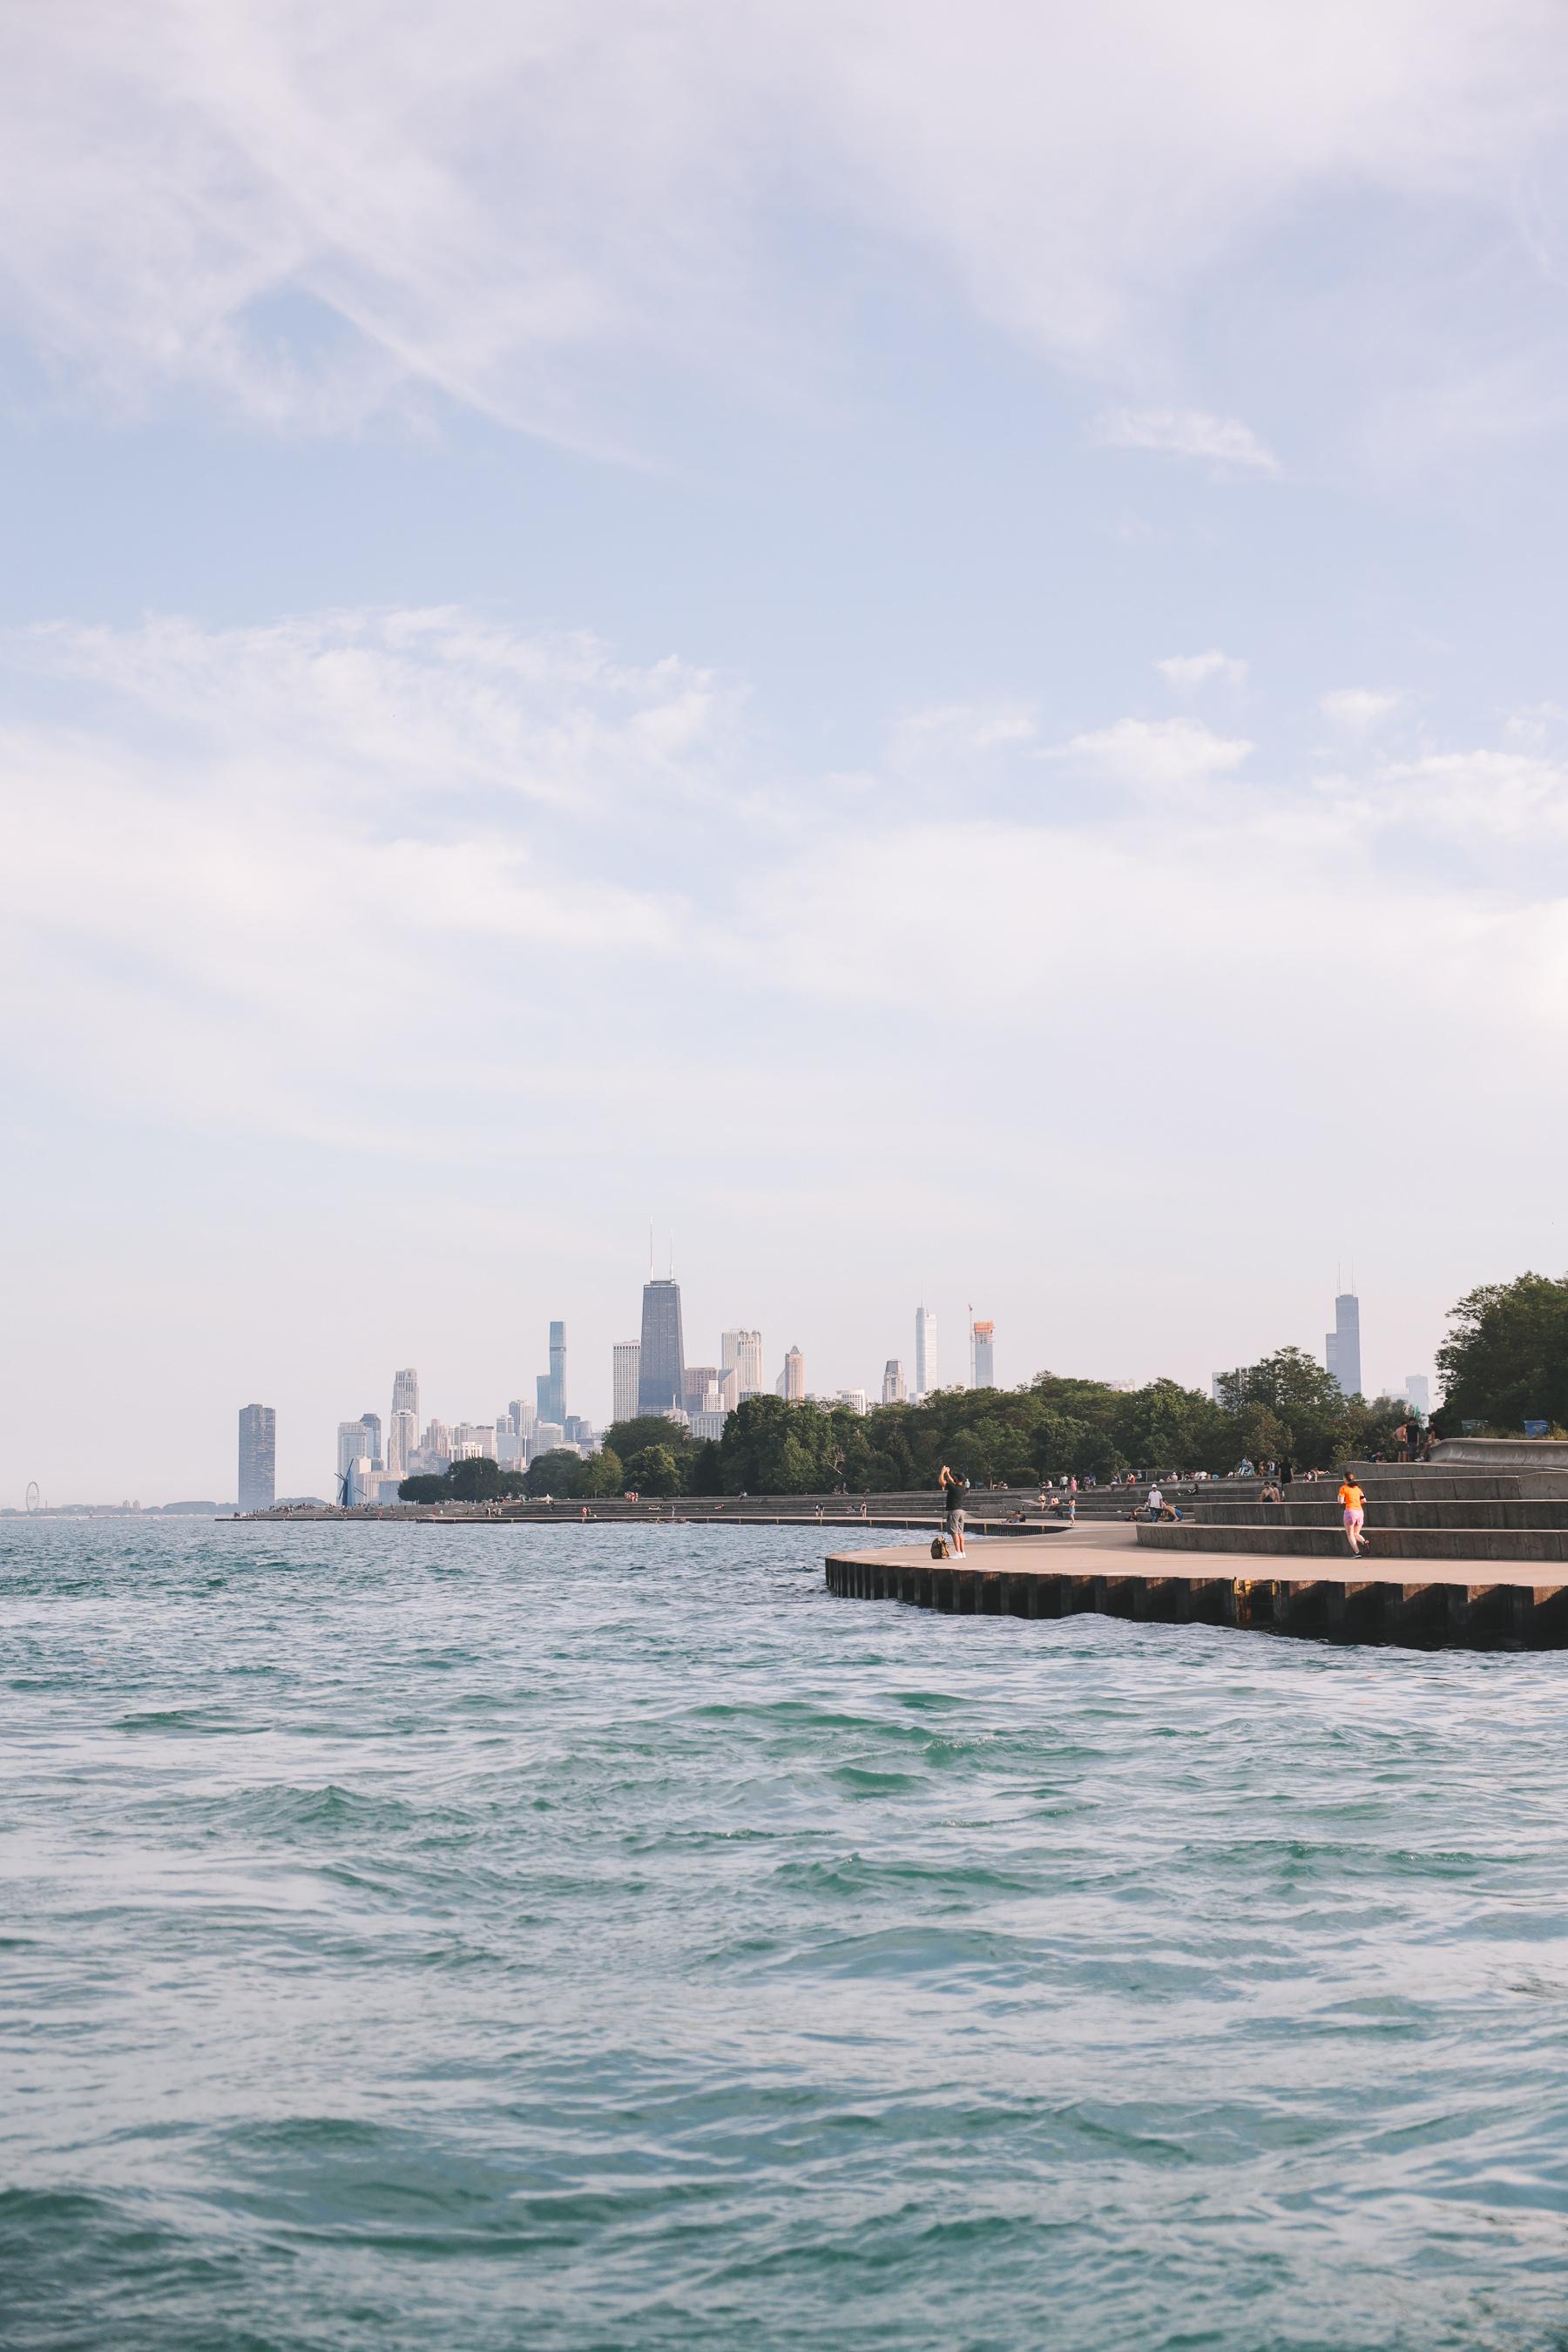 Sailing Lake Michigan in Chicago